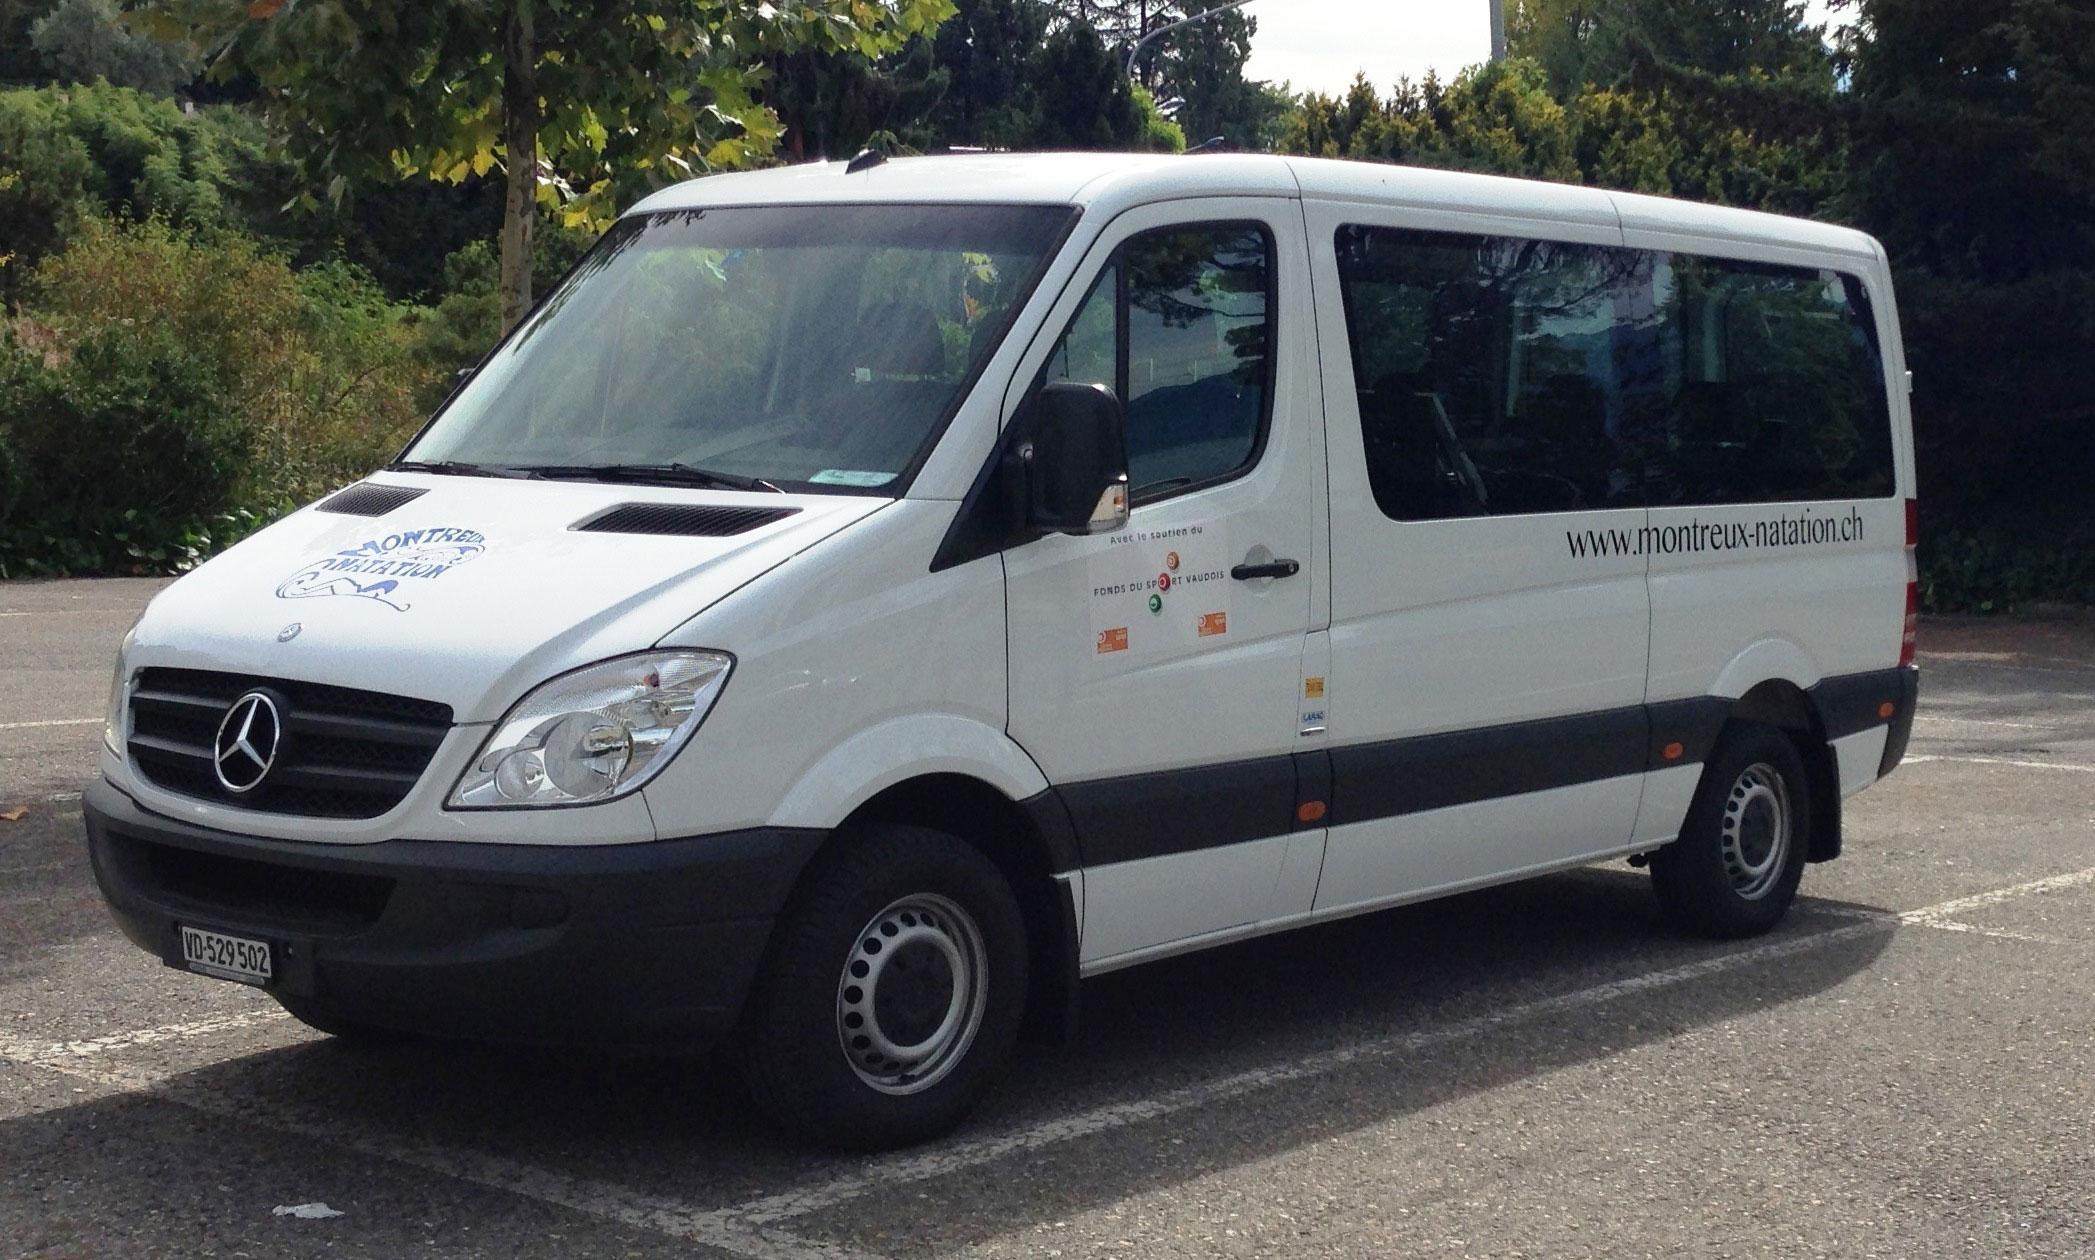 http://montreux-natation.ch/wp-content/uploads/2021/01/montreux-natation-bus.jpg